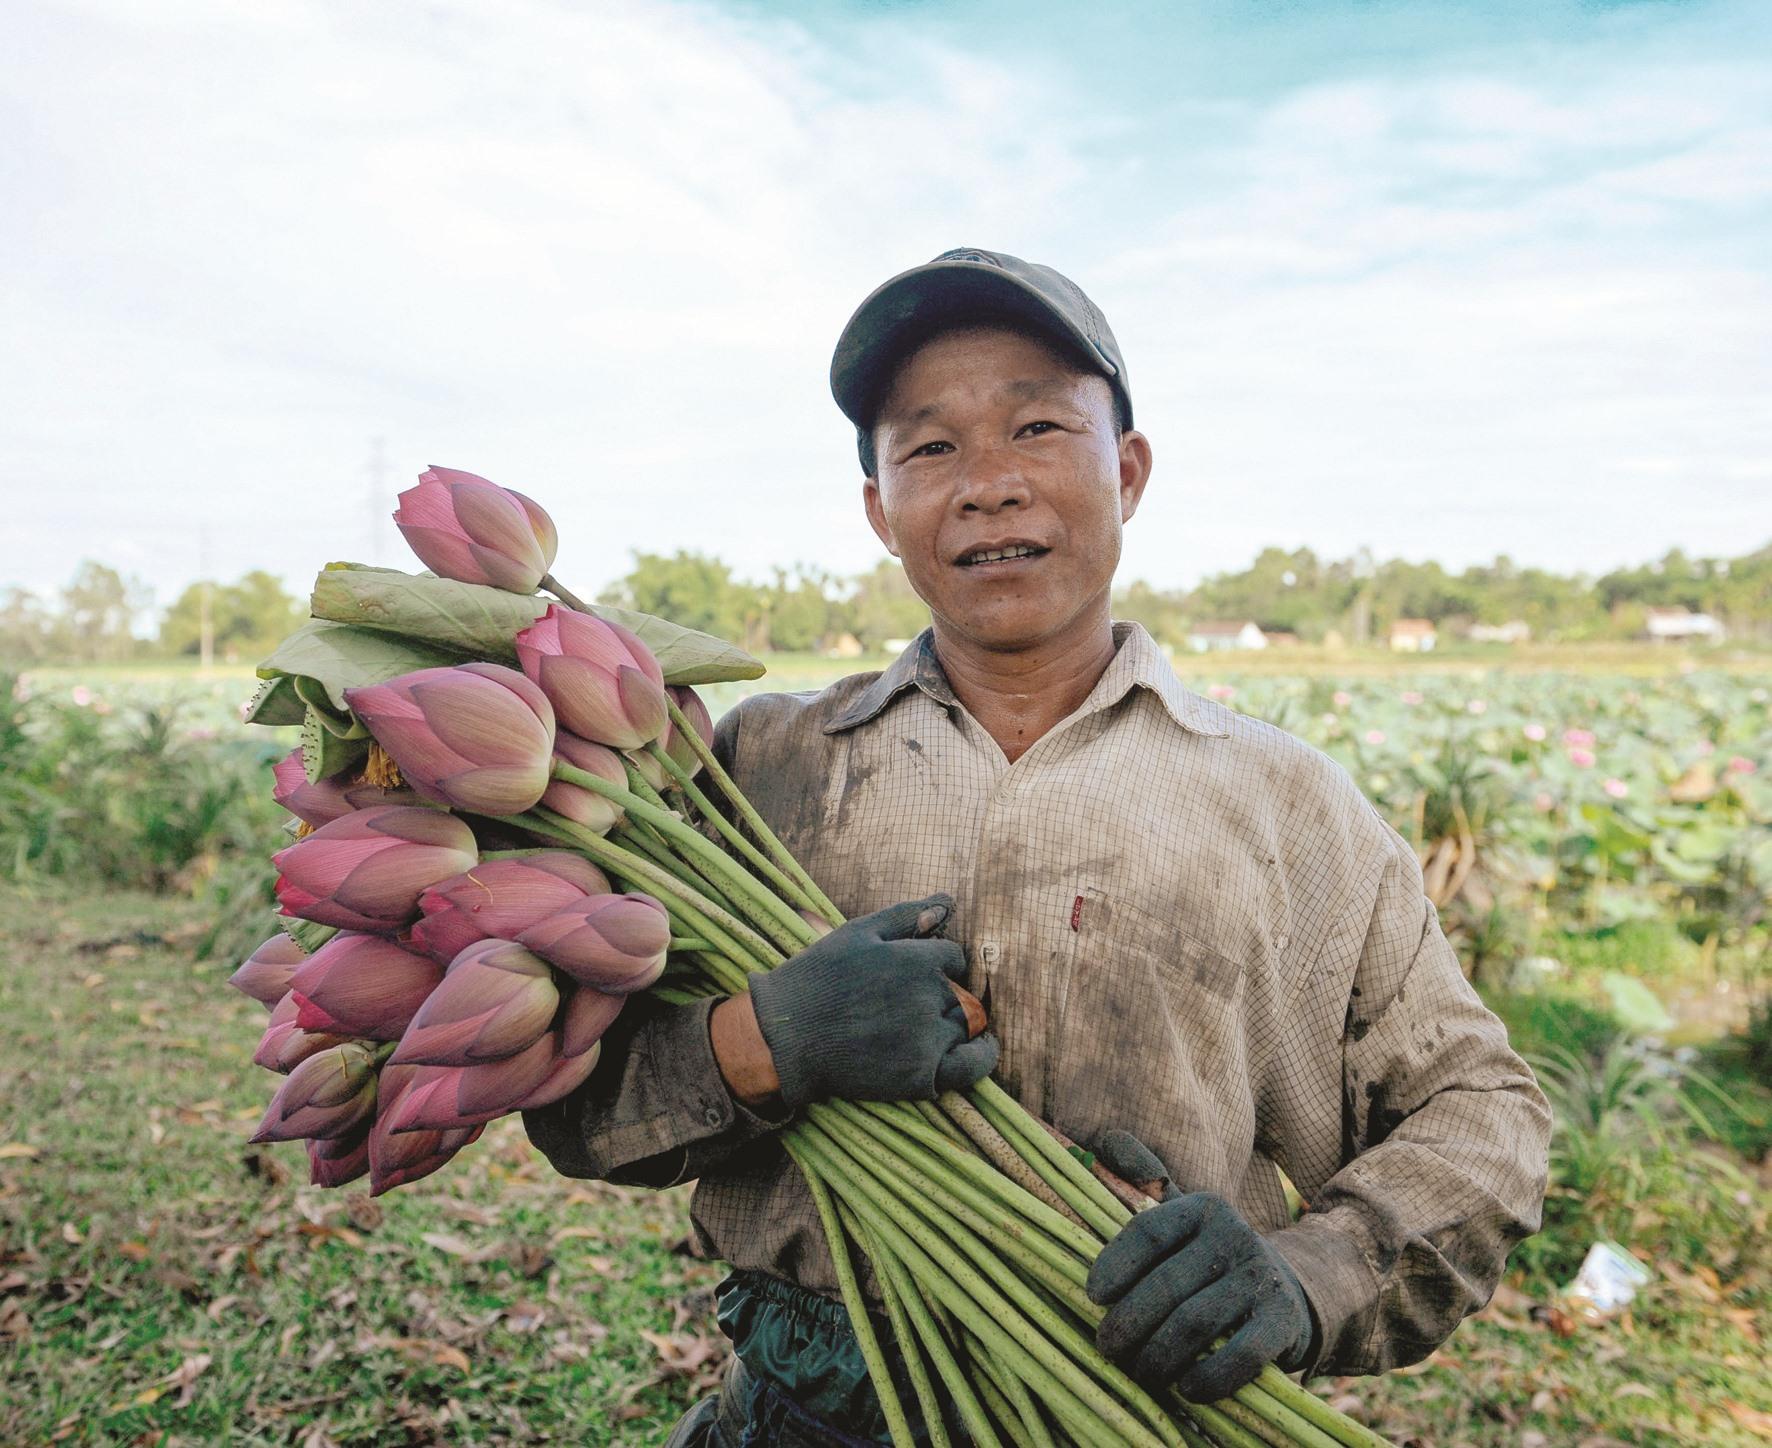 Sen đầu mùa có giá cao. Người dân thường thu hoạch sen 3 hôm 1 lần.